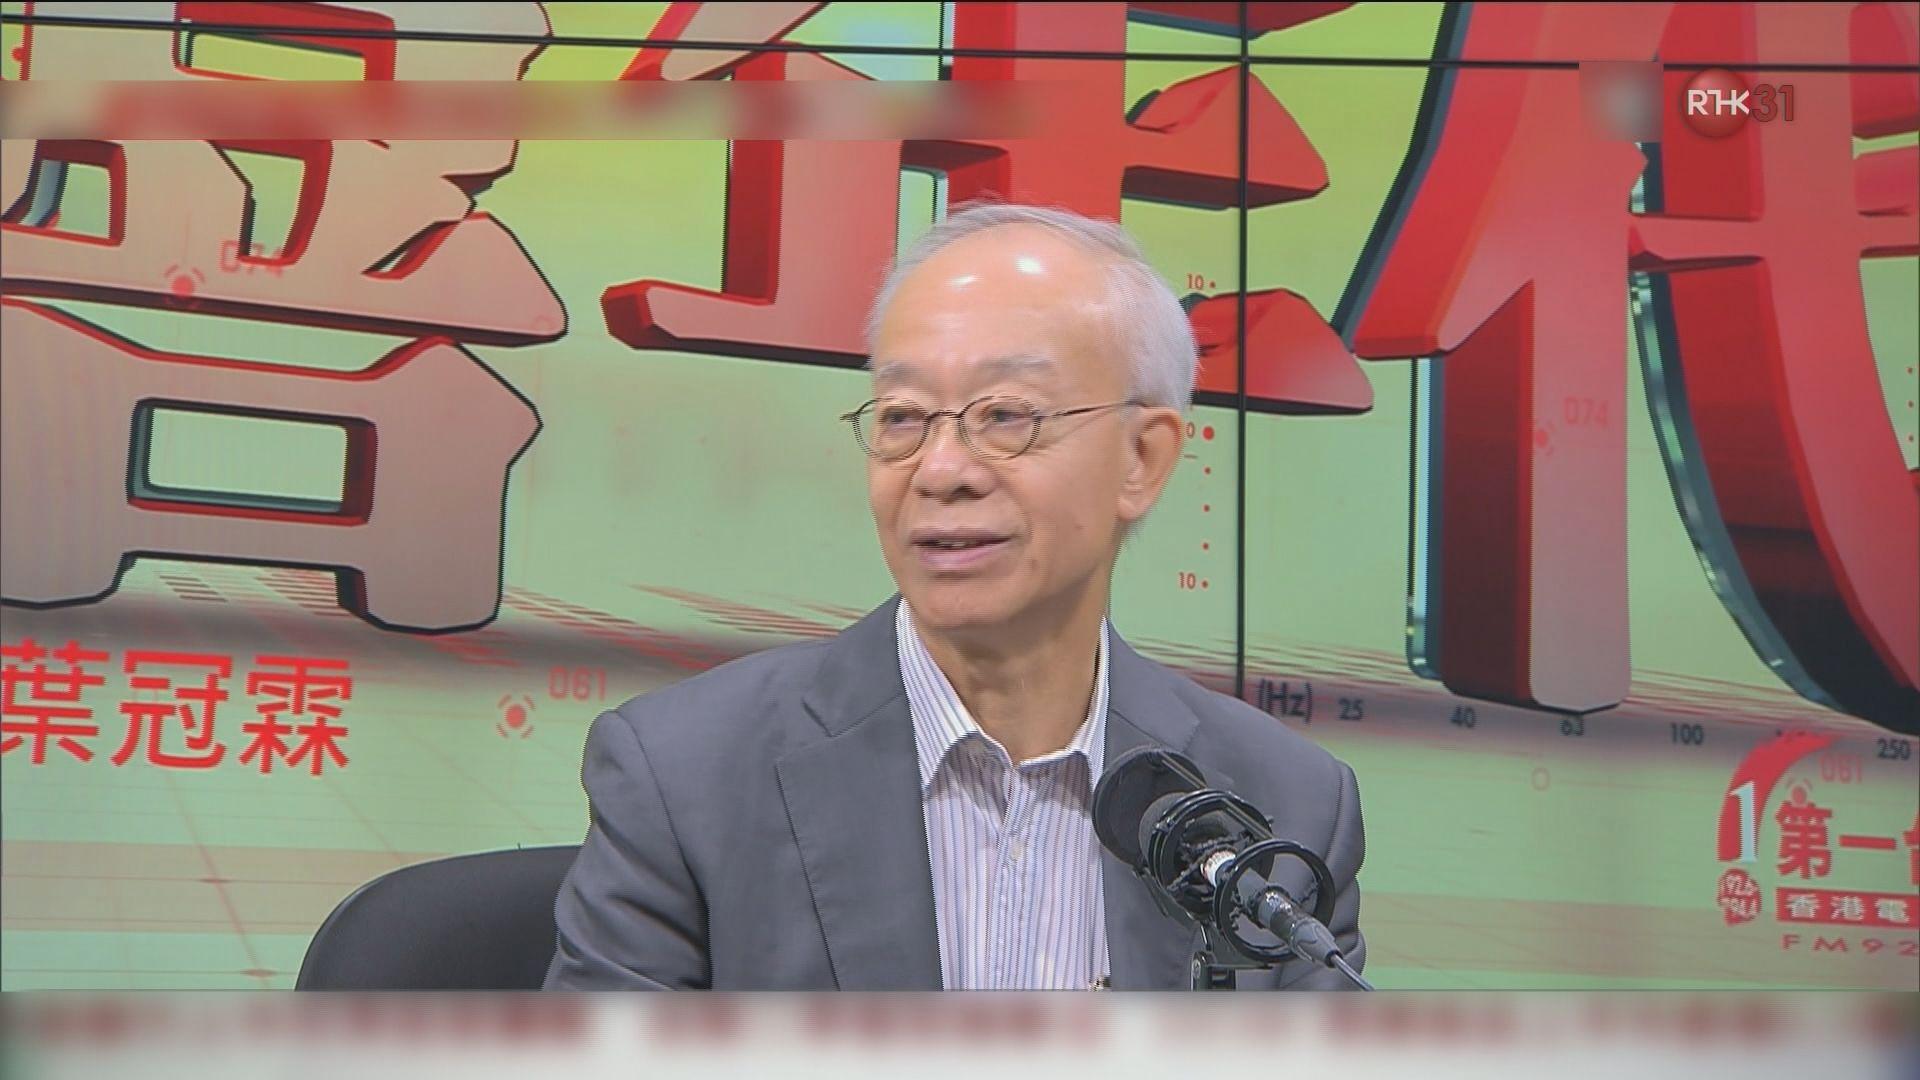 鄔滿海:贊成以填海造地增加土地供應